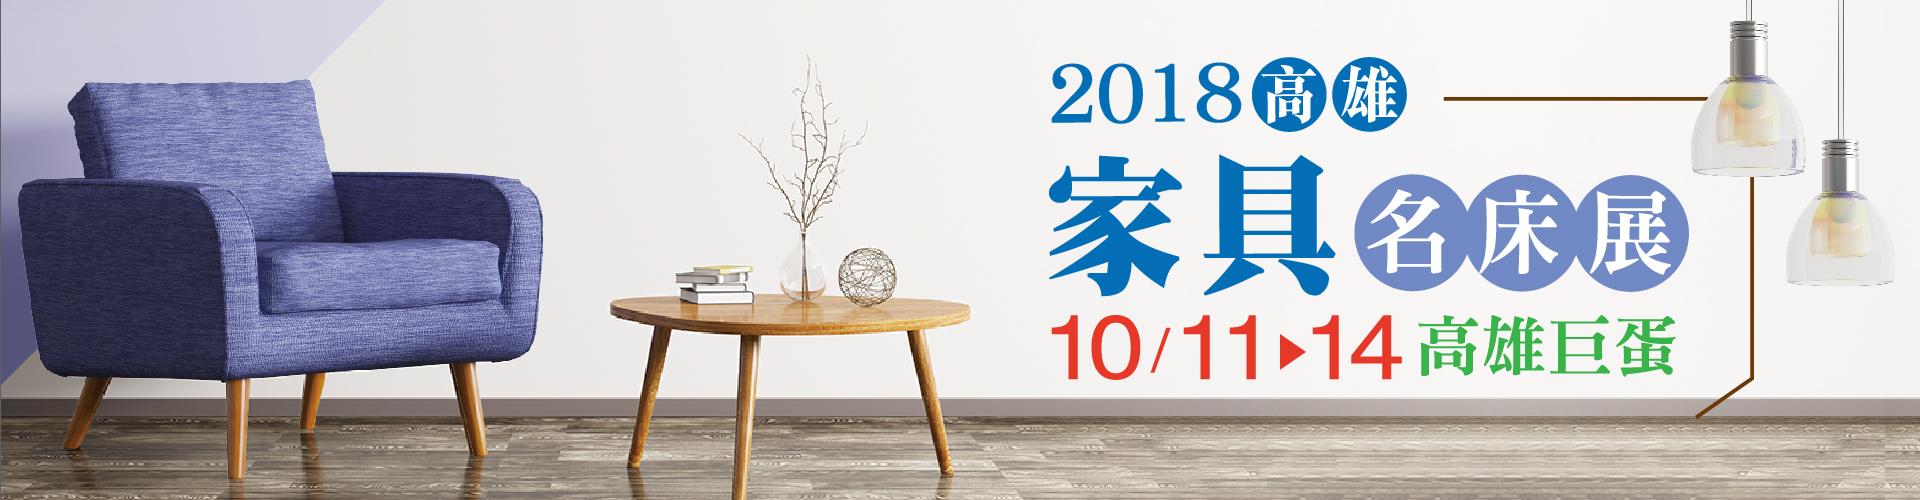 2018高雄家具名床展10/11-10/14高雄巨蛋-年度家具展